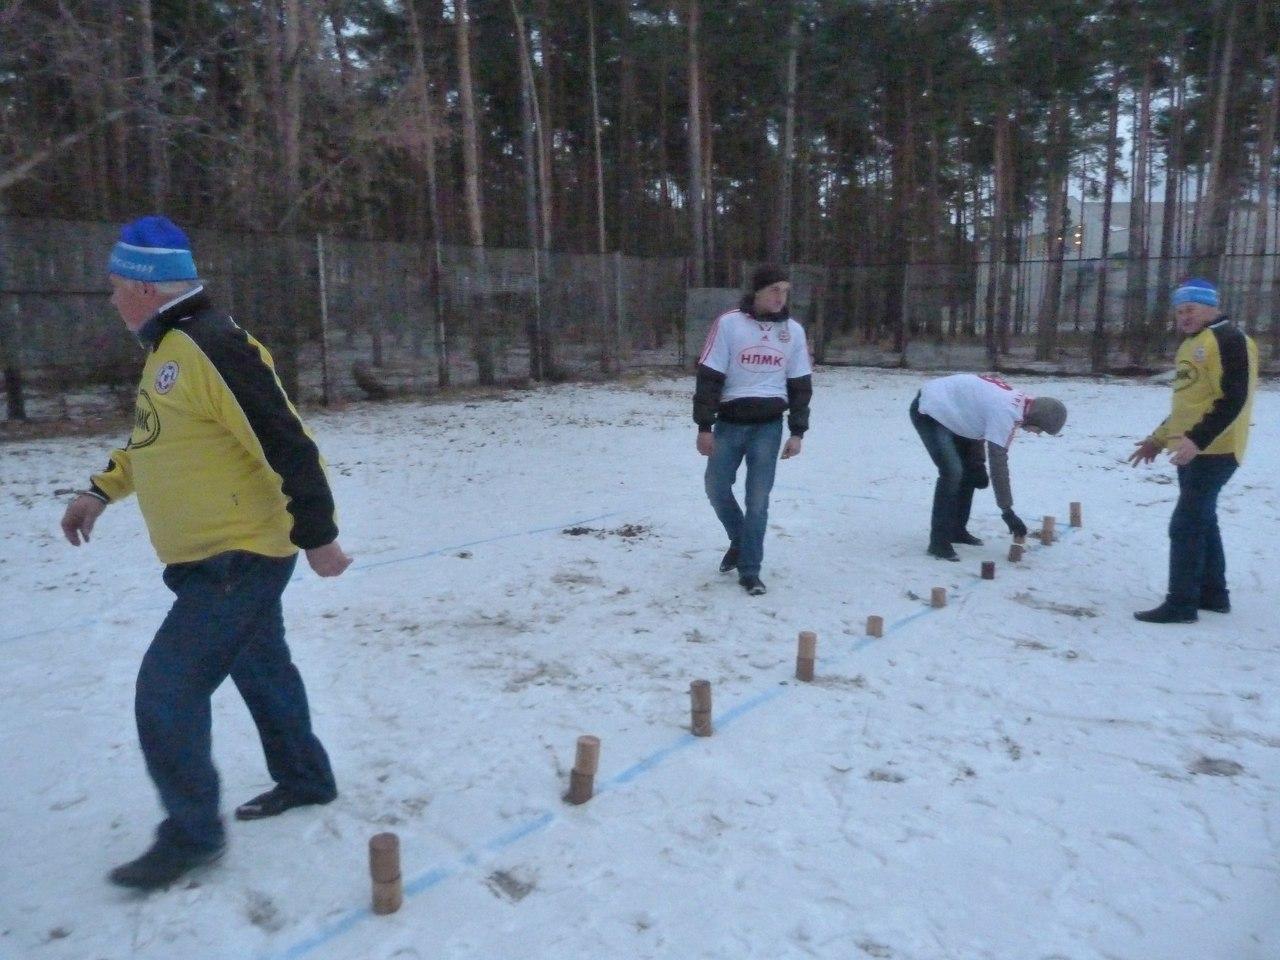 Первый официальный городошный турнир в Липецкой области в 2017 году состоится уже 14 января